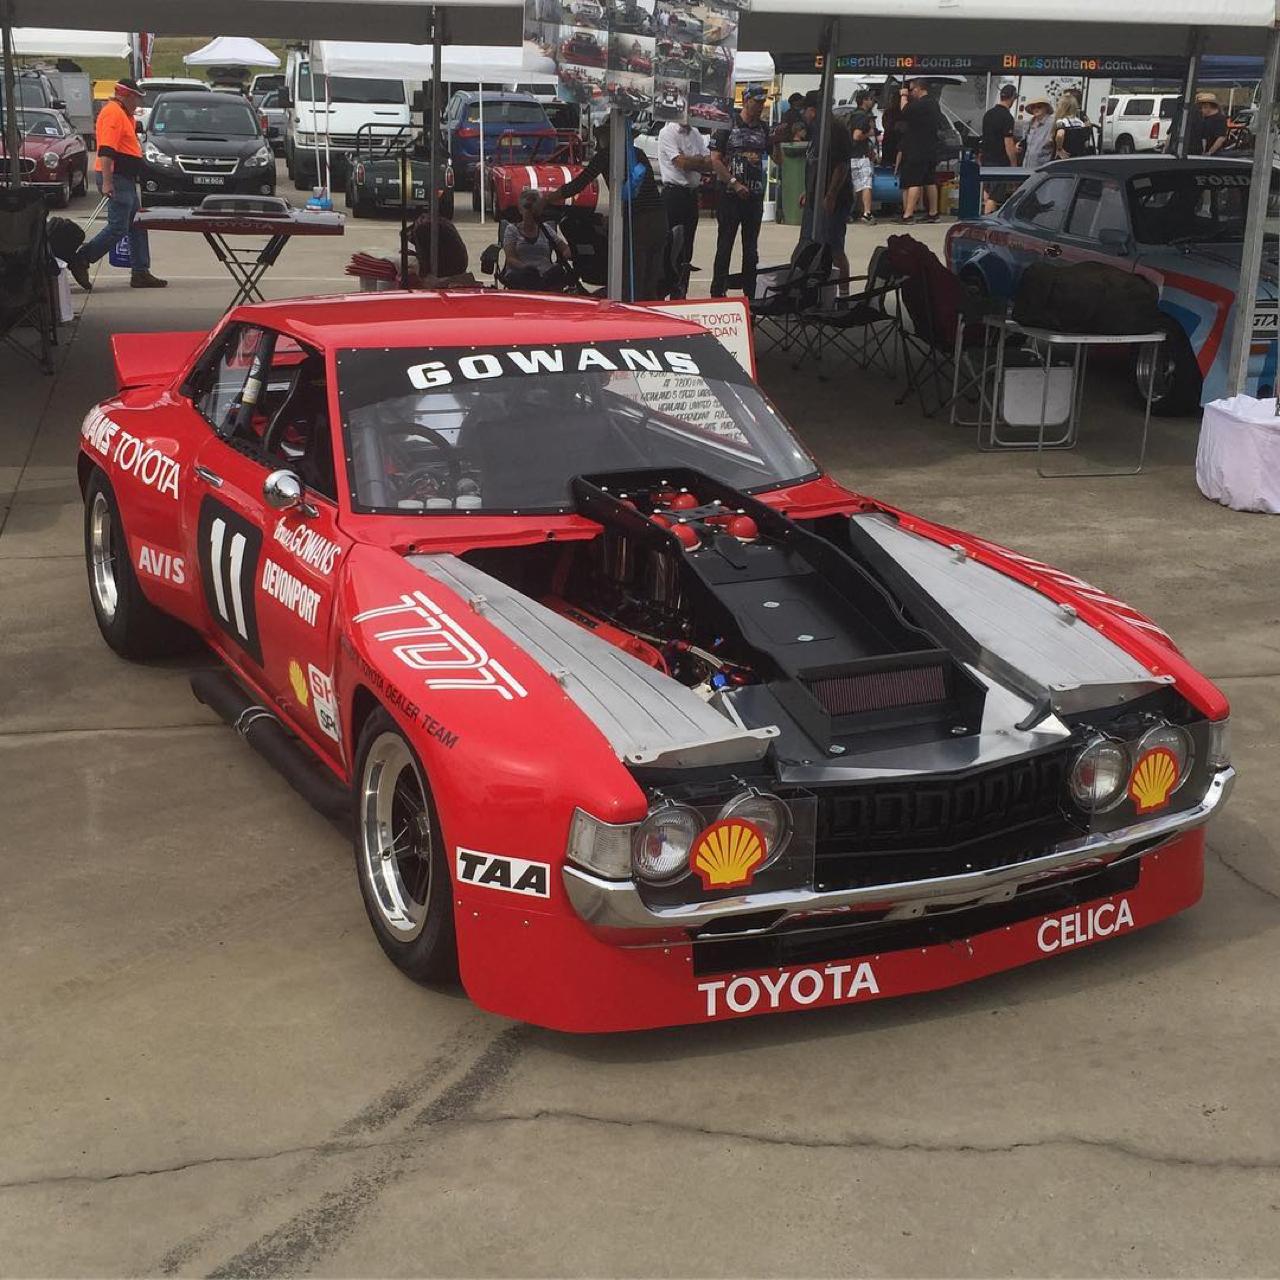 Bruce Gowans Toyota Celica - Avec un V8 Repco 1